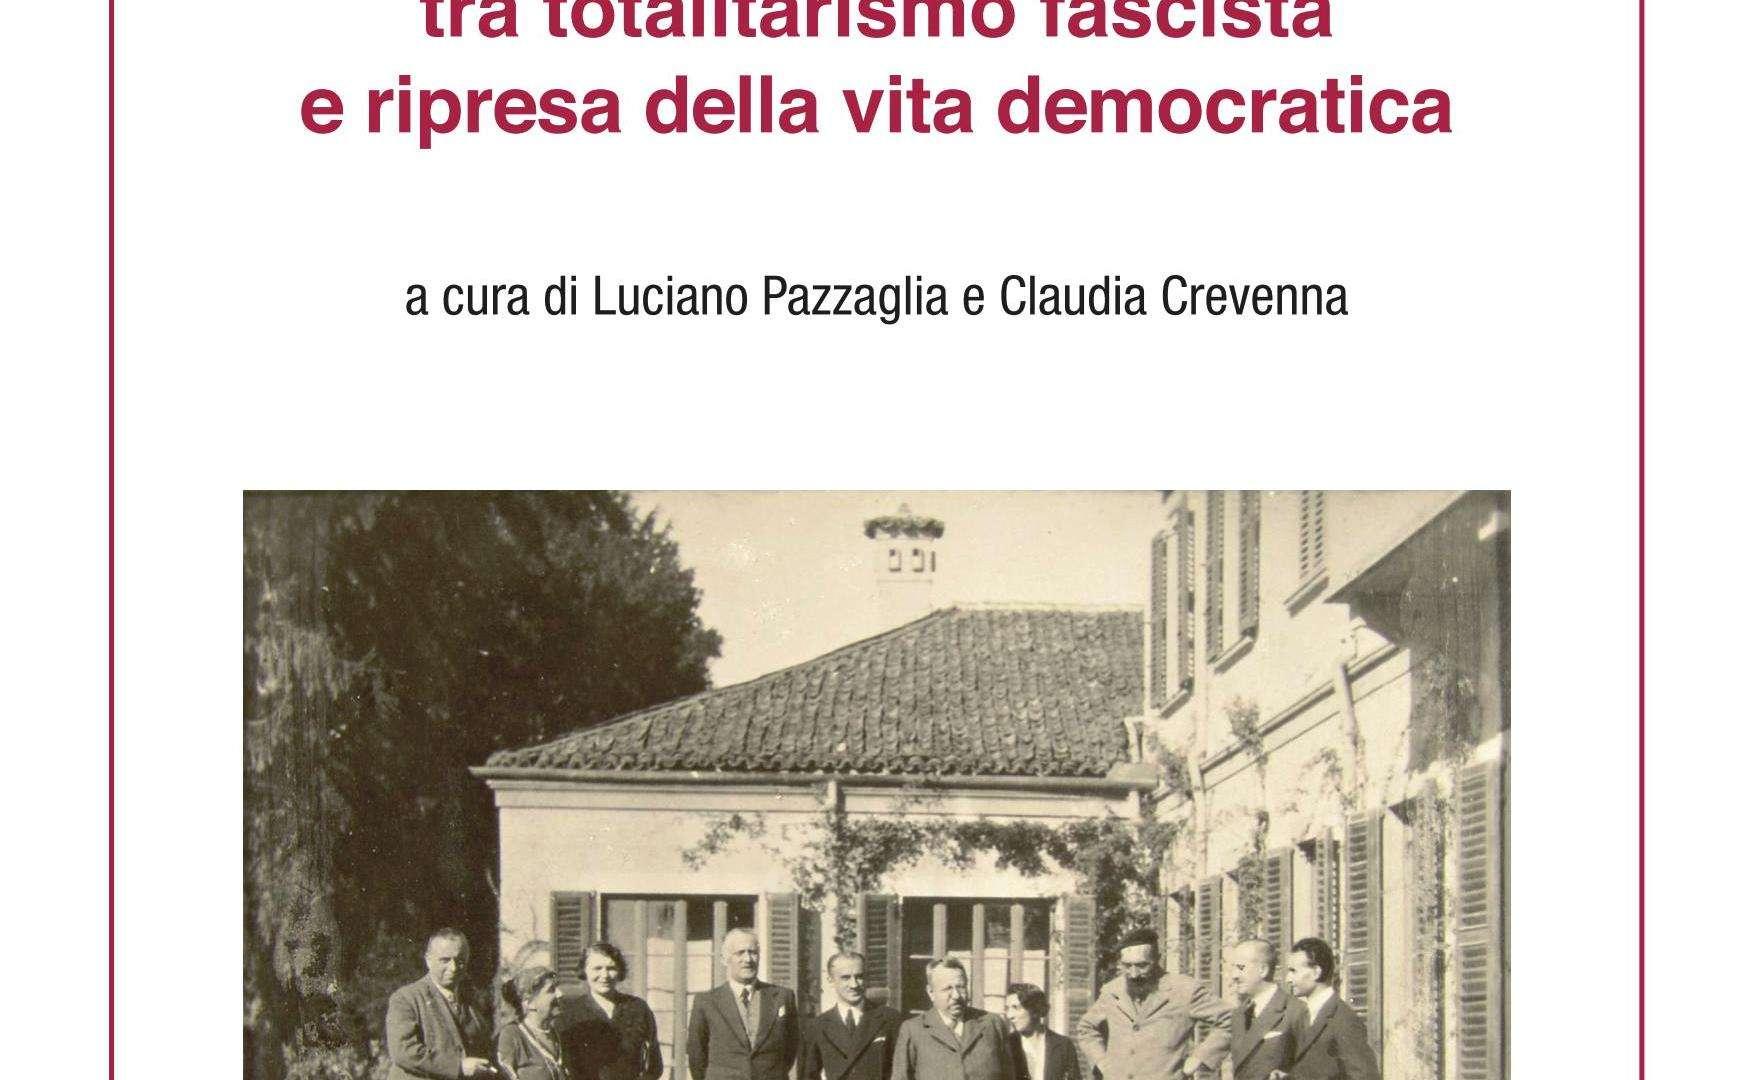 Tommaso Gallari Scotti tra totalitarismo fascista e ripresa della vita democratica - Pazzaglia